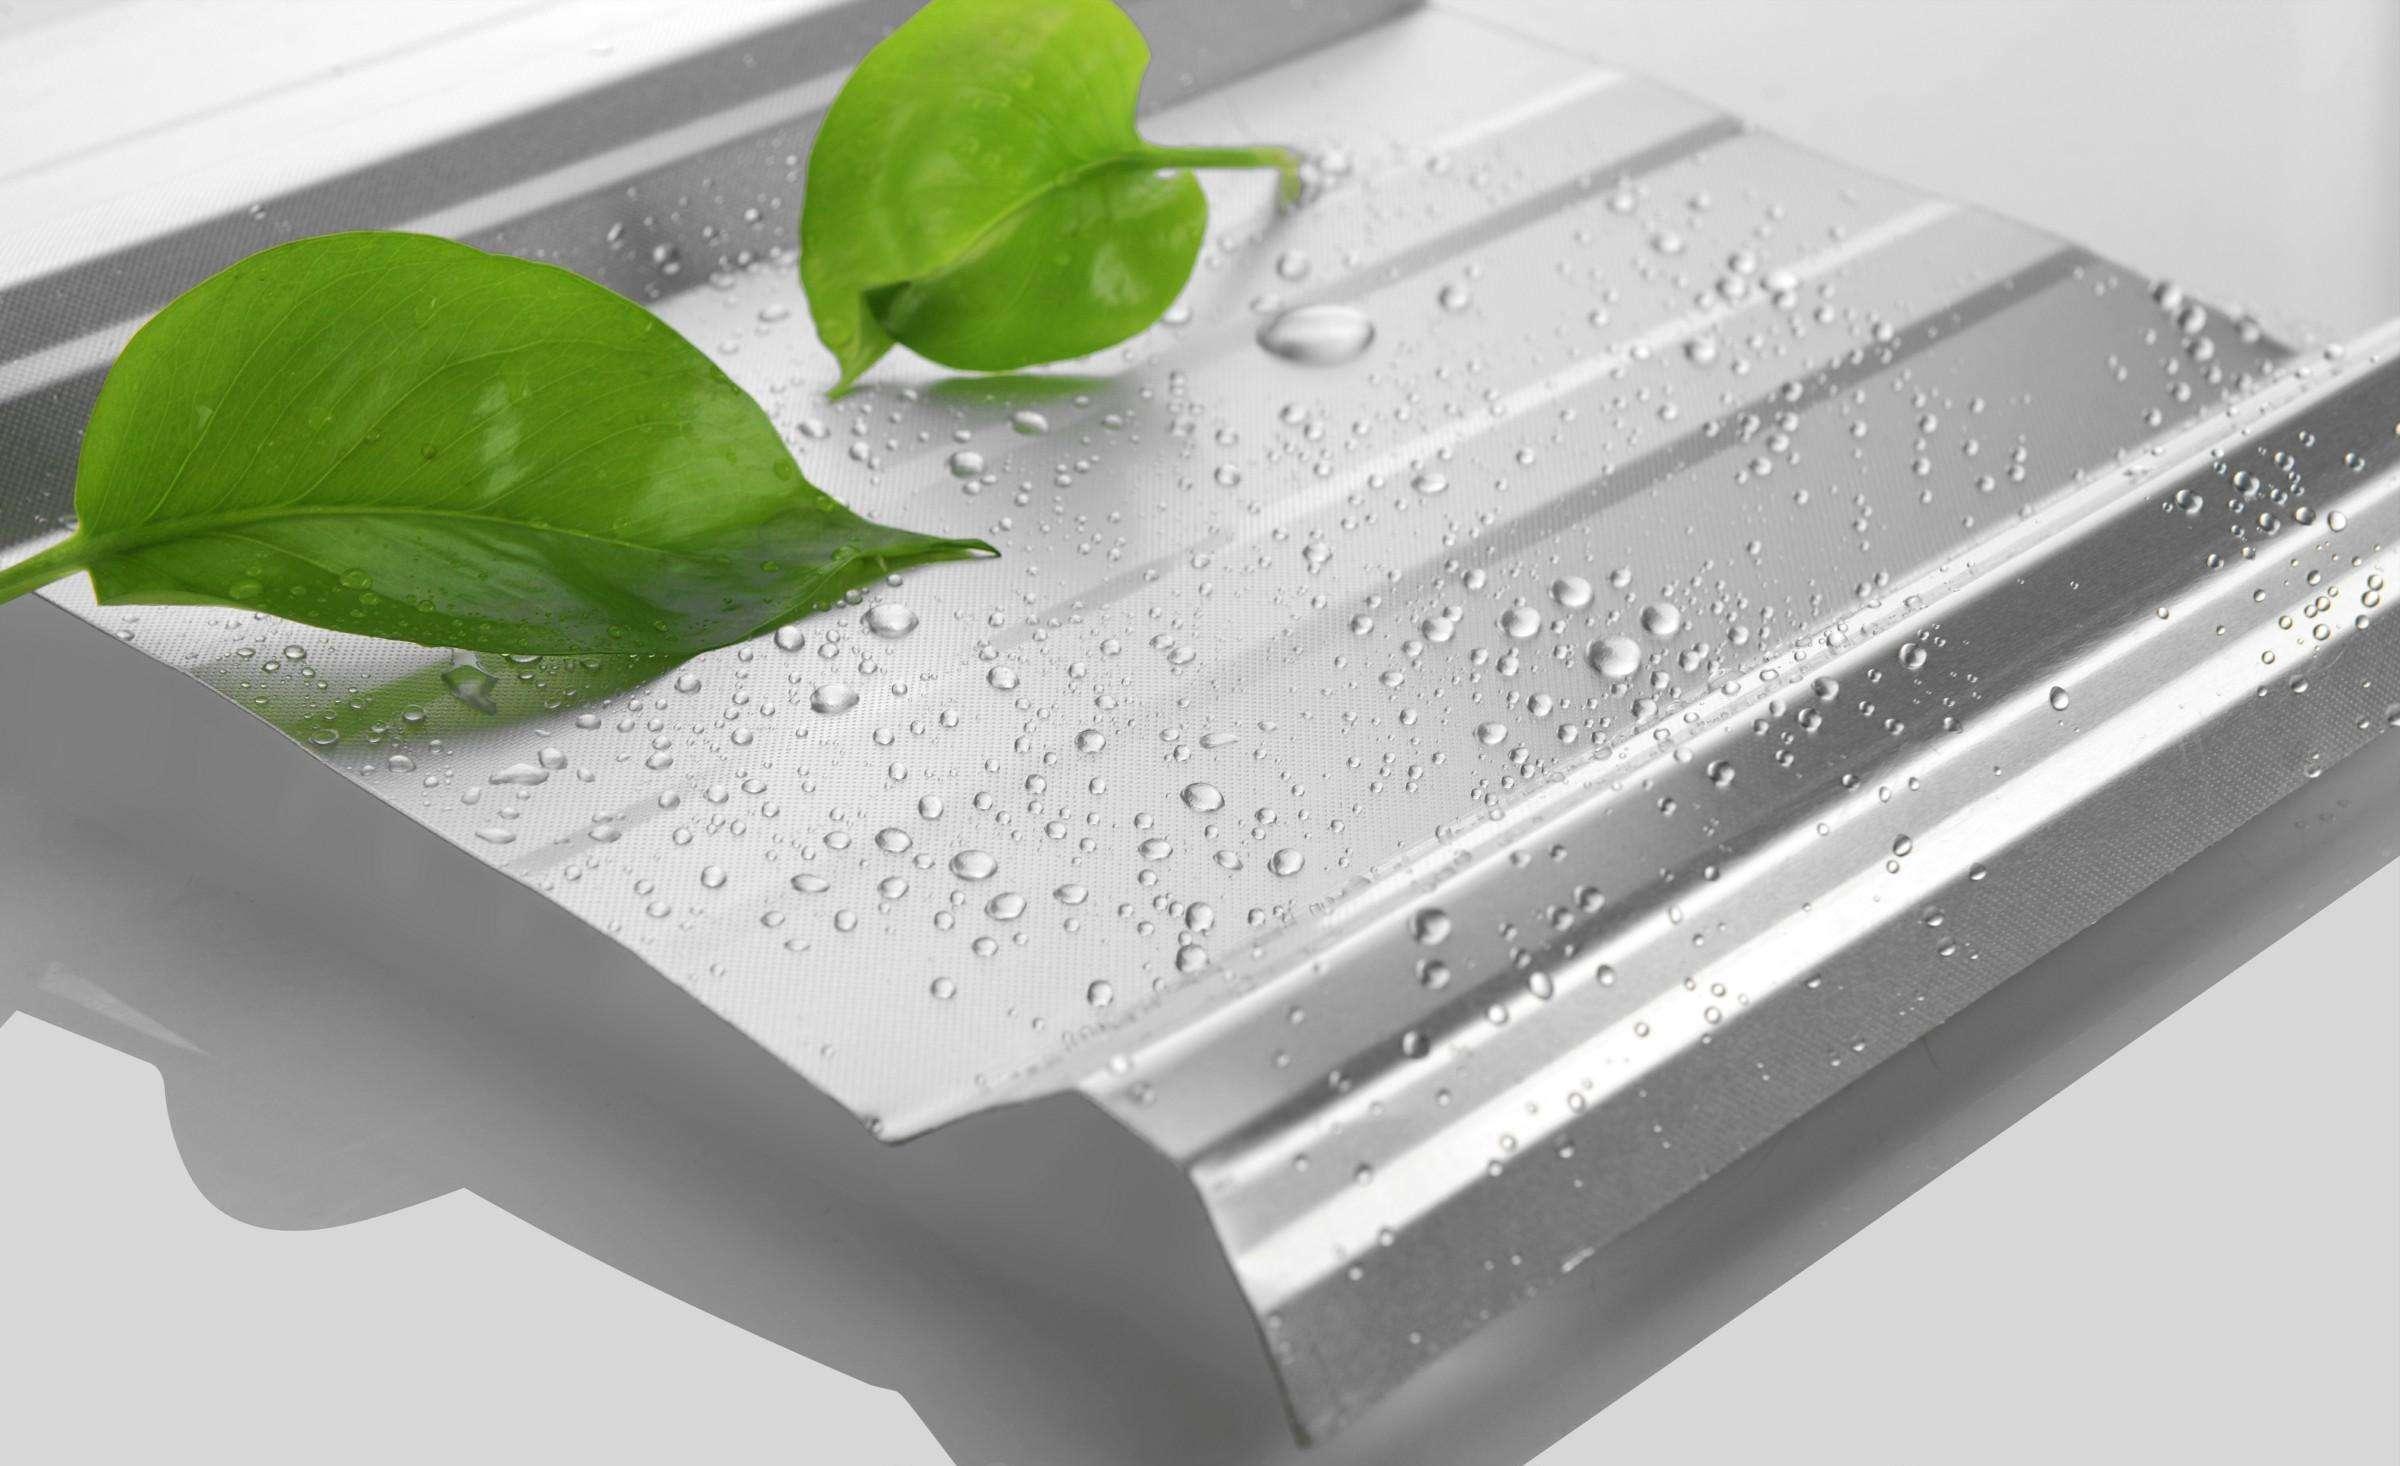 耐用的通用机械备件生产厂家品质保障